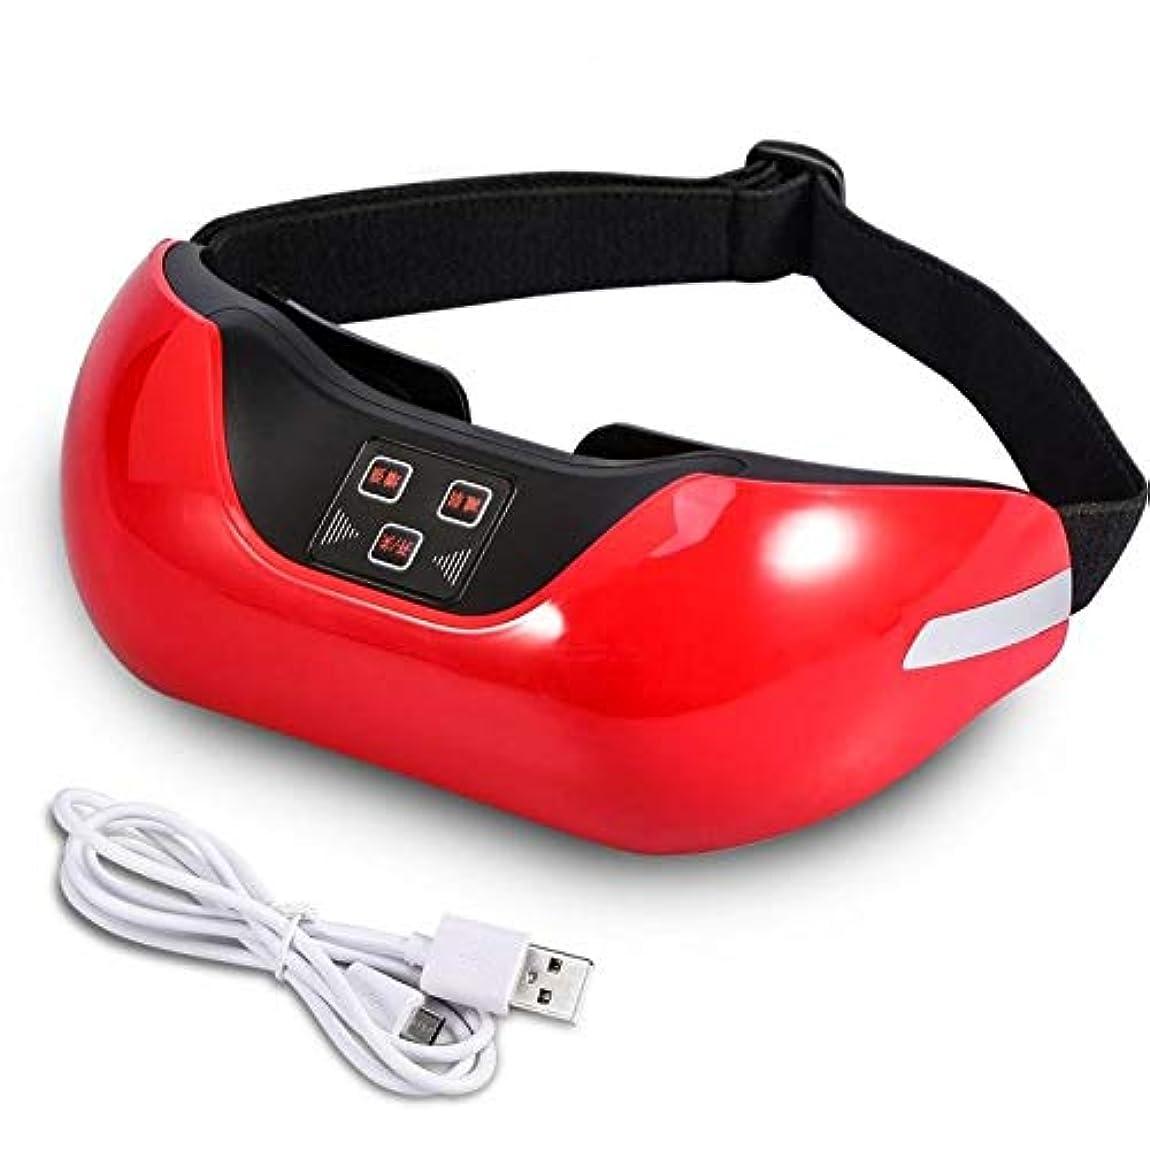 未就学執着以下Meet now 緑色光アイマッサージャー付き3D充電式マッサージャー 品質保証 (Color : Red)